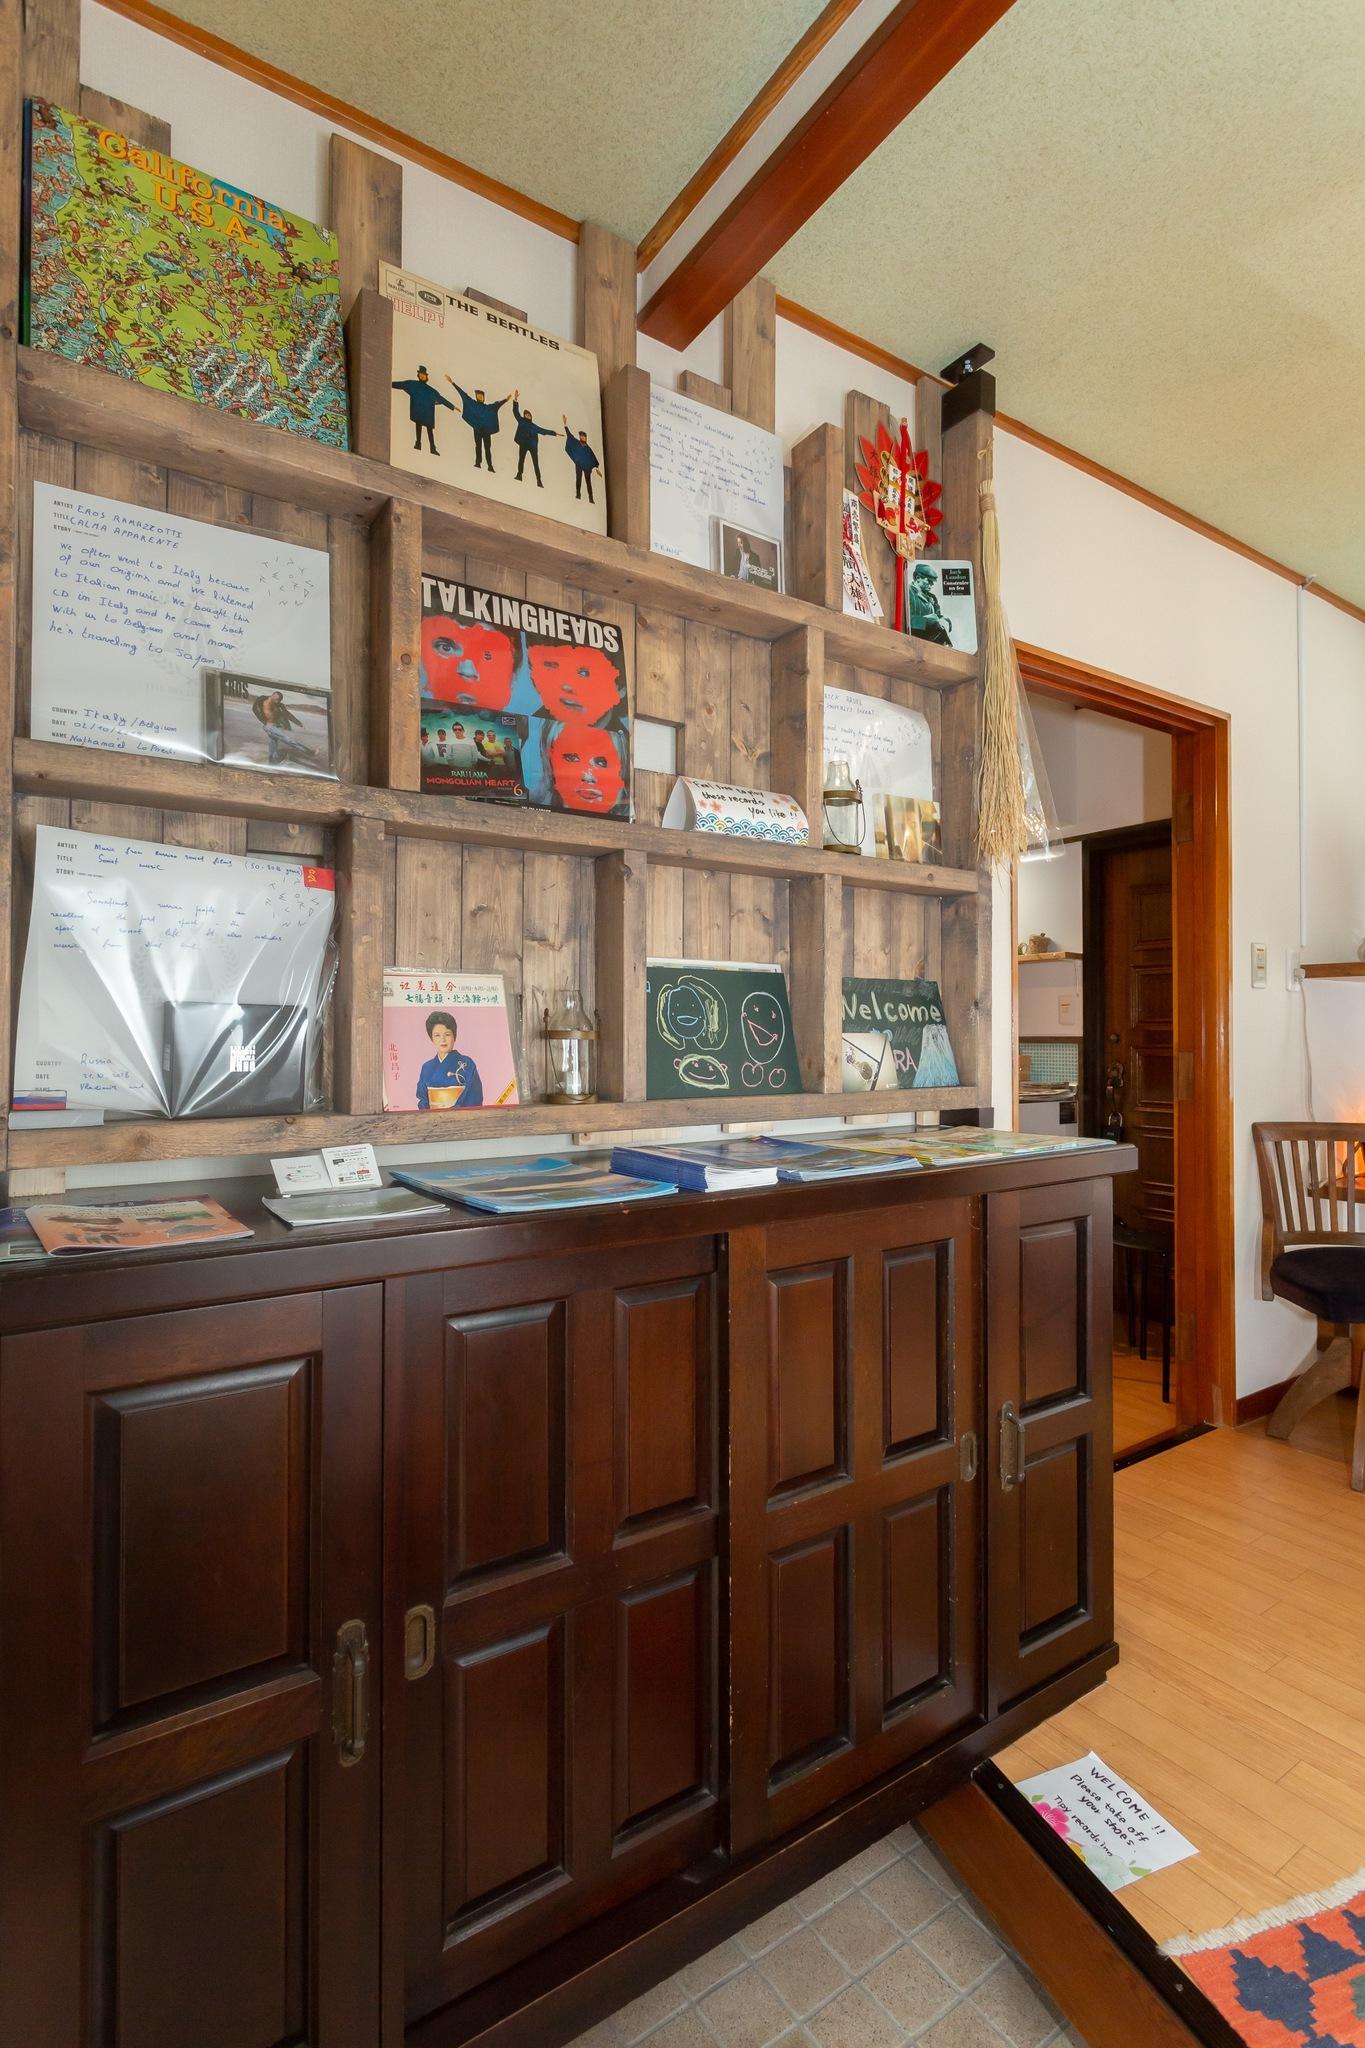 駅から3分 箱根、小田原の観光の拠点に最適 純和風な畳のお部屋